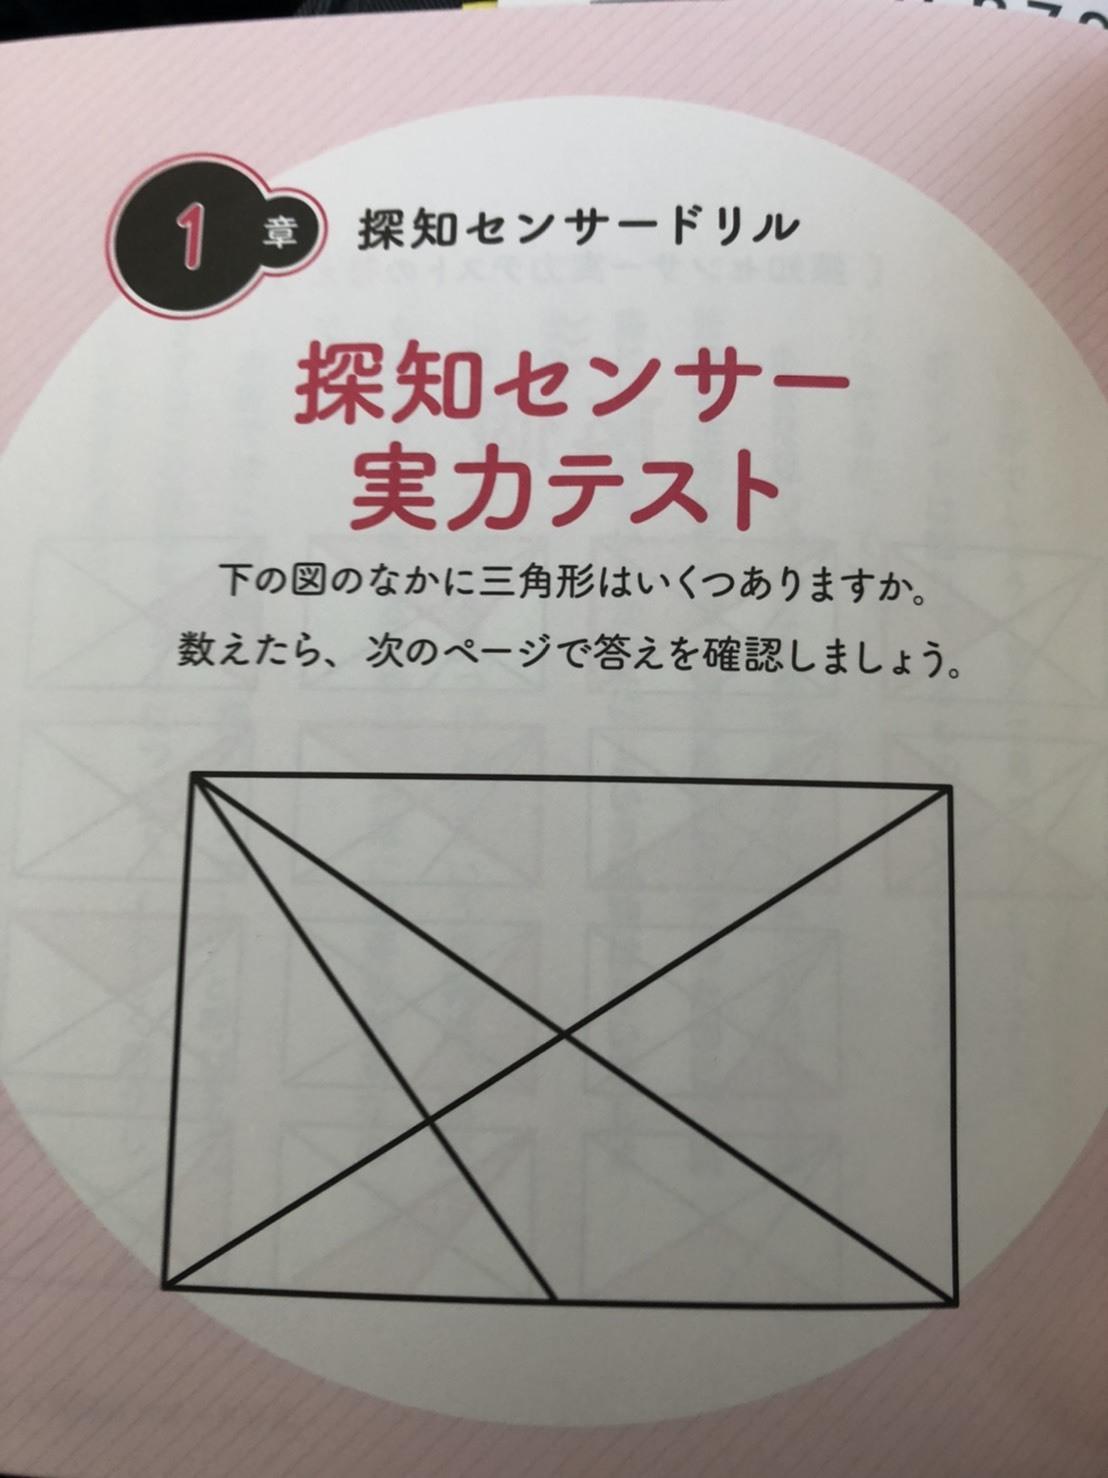 待ち時間にクイズです。三角形は幾つあるでしょう⁉️皆さんもご解答下さい。山田パンダも何秒で正解成るか⁉️_b0096957_14065125.jpg